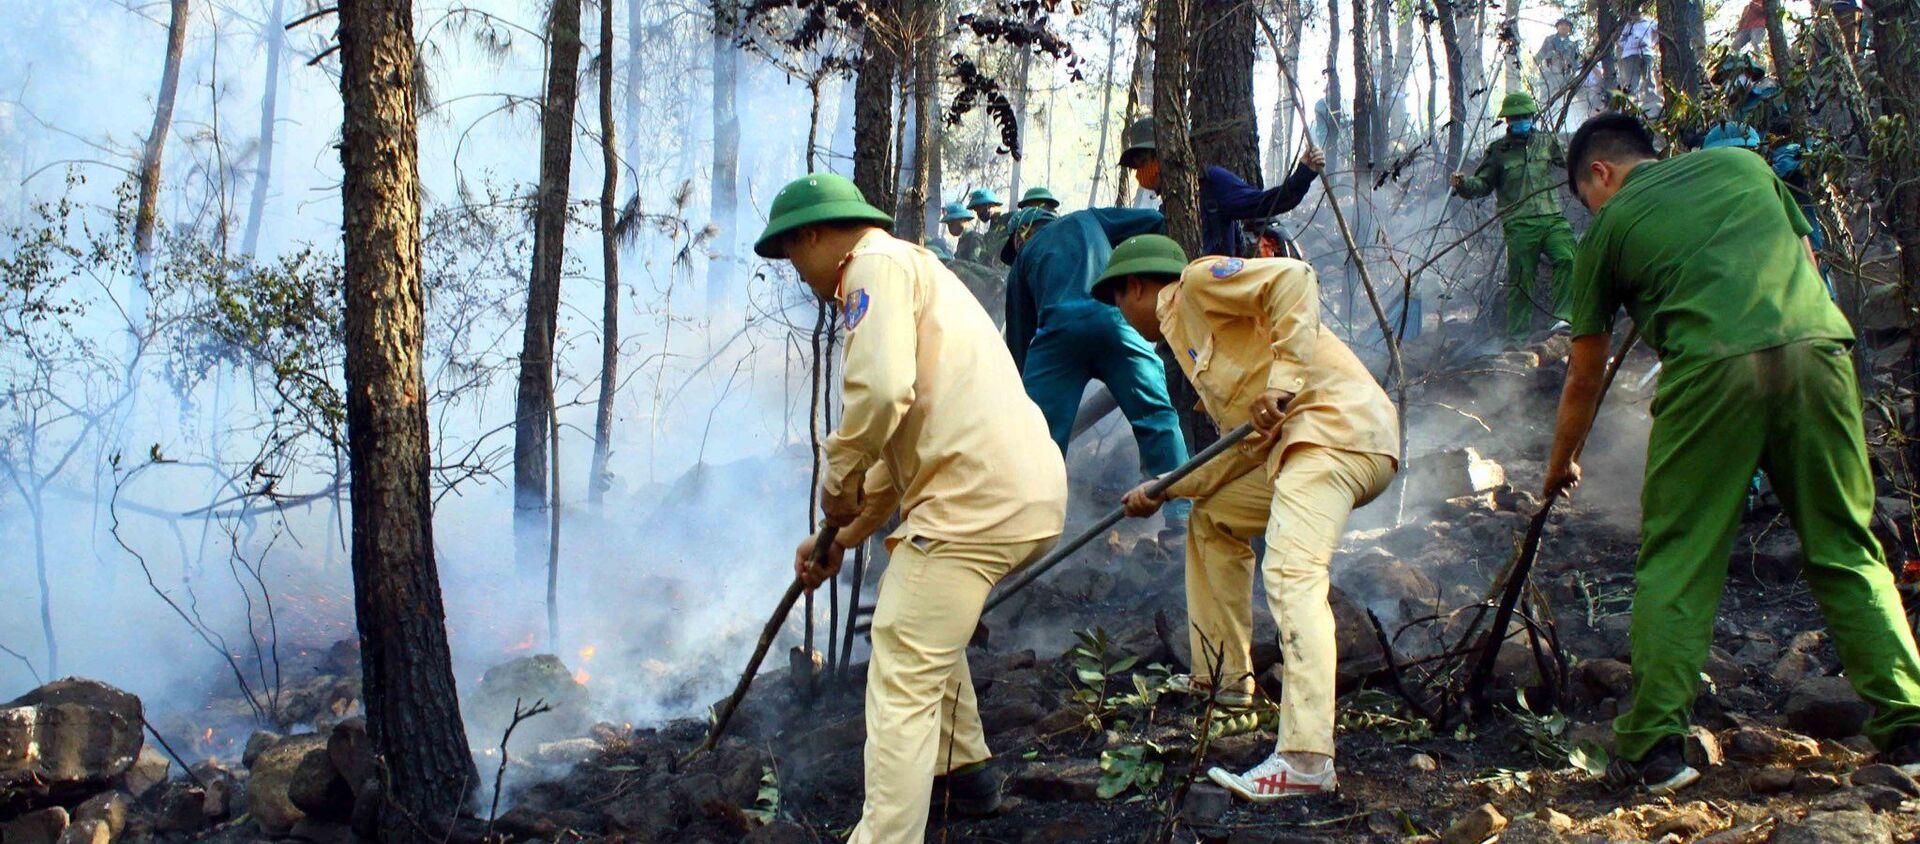 Các lực lượng chức năng nỗ lực dập lửa tại xã Diễn Lợi, huyện Diễn Châu (Nghệ An). - Sputnik Việt Nam, 1920, 28.06.2020